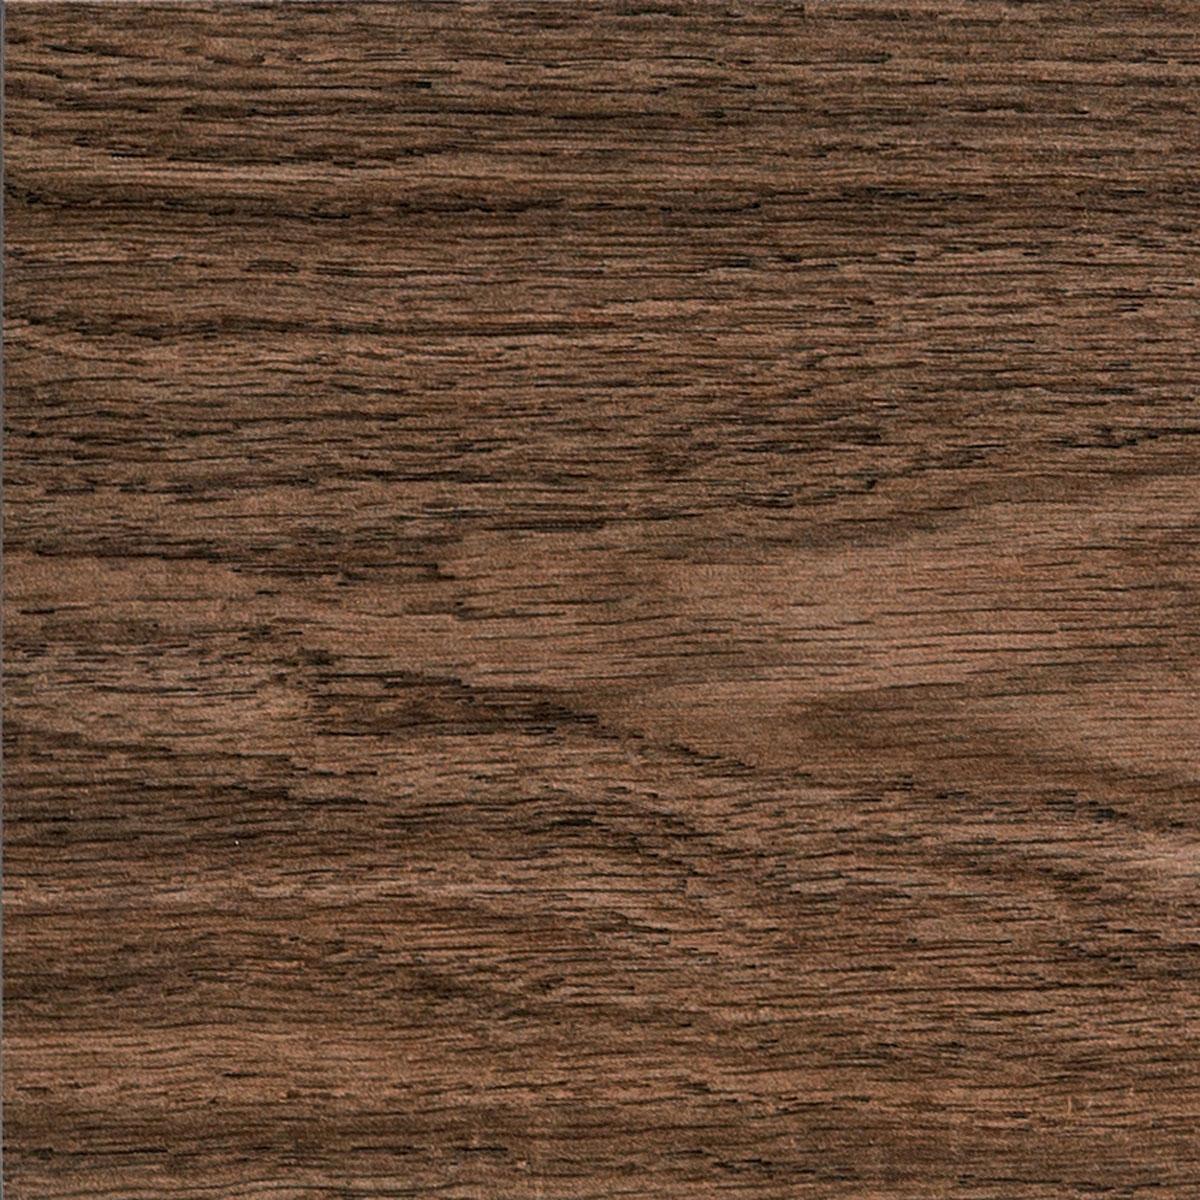 Signorino: Oak Pinato Scuro L2